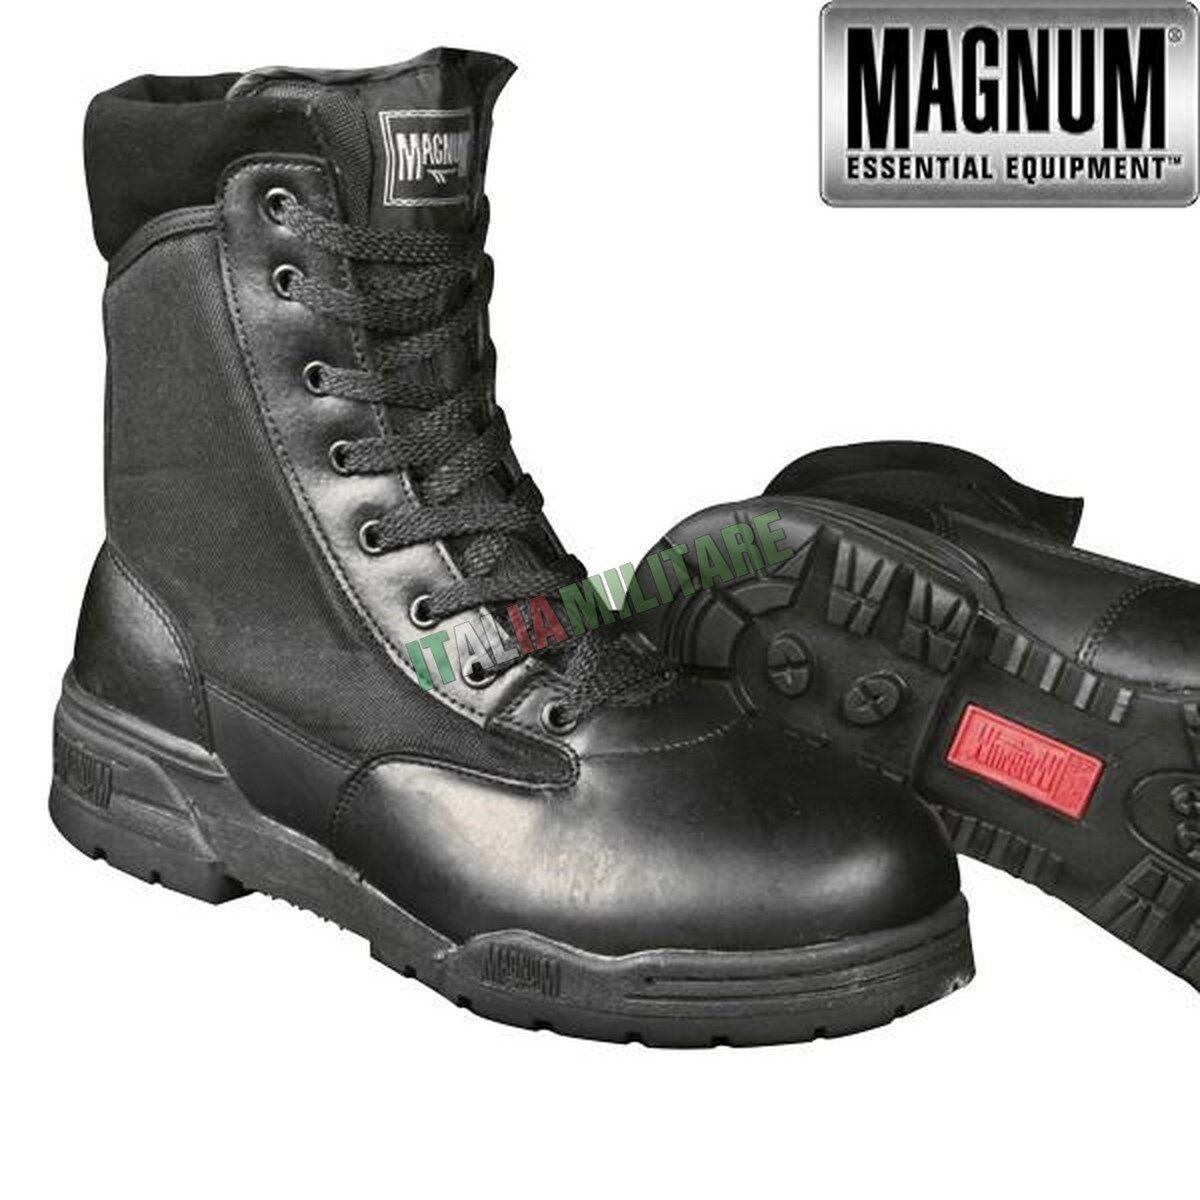 Anfibio Magnum Magnum Anfibio CLASSIC - Anfibi Magnum 843549